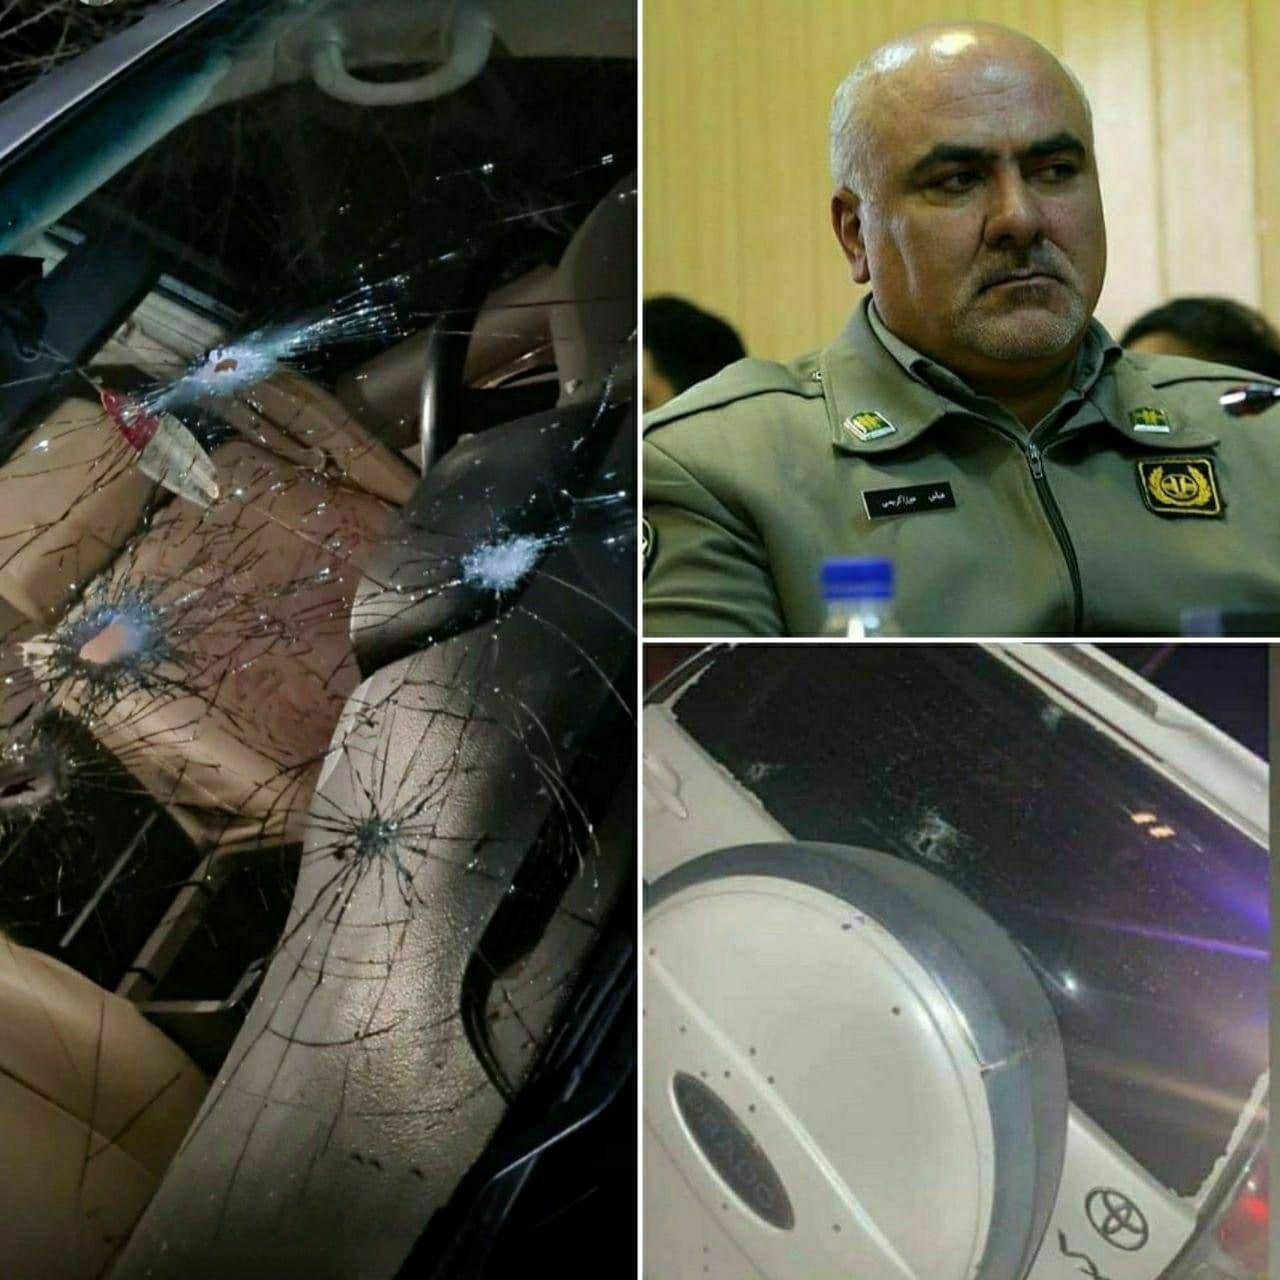 خودروی محیط بان تهرانی پس از ترور +عکس